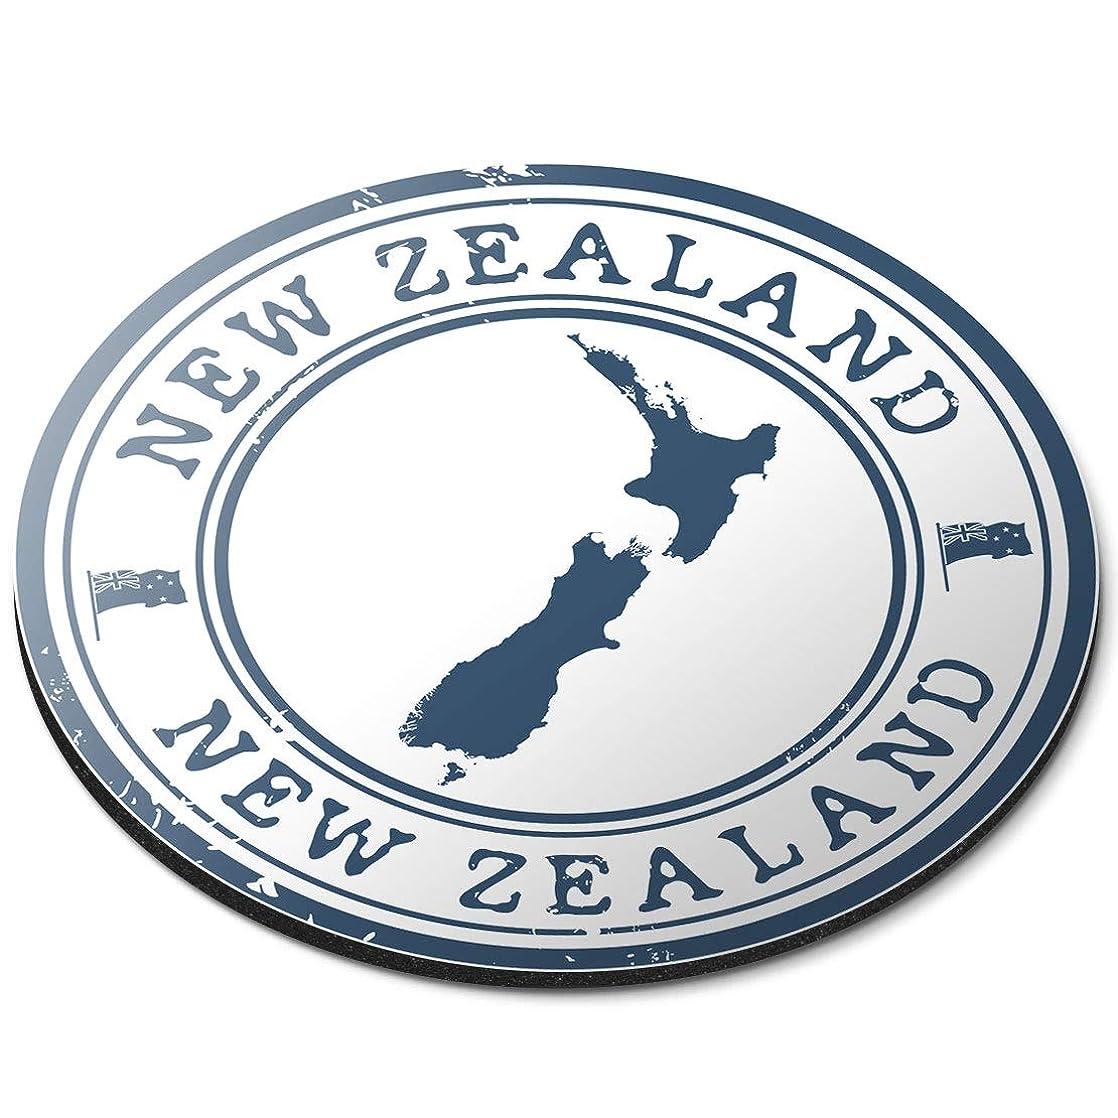 信念モンク永遠のラウンドマウスマット - ニュージーランド地図旅行ホリデーオフィスのギフト - RM4572